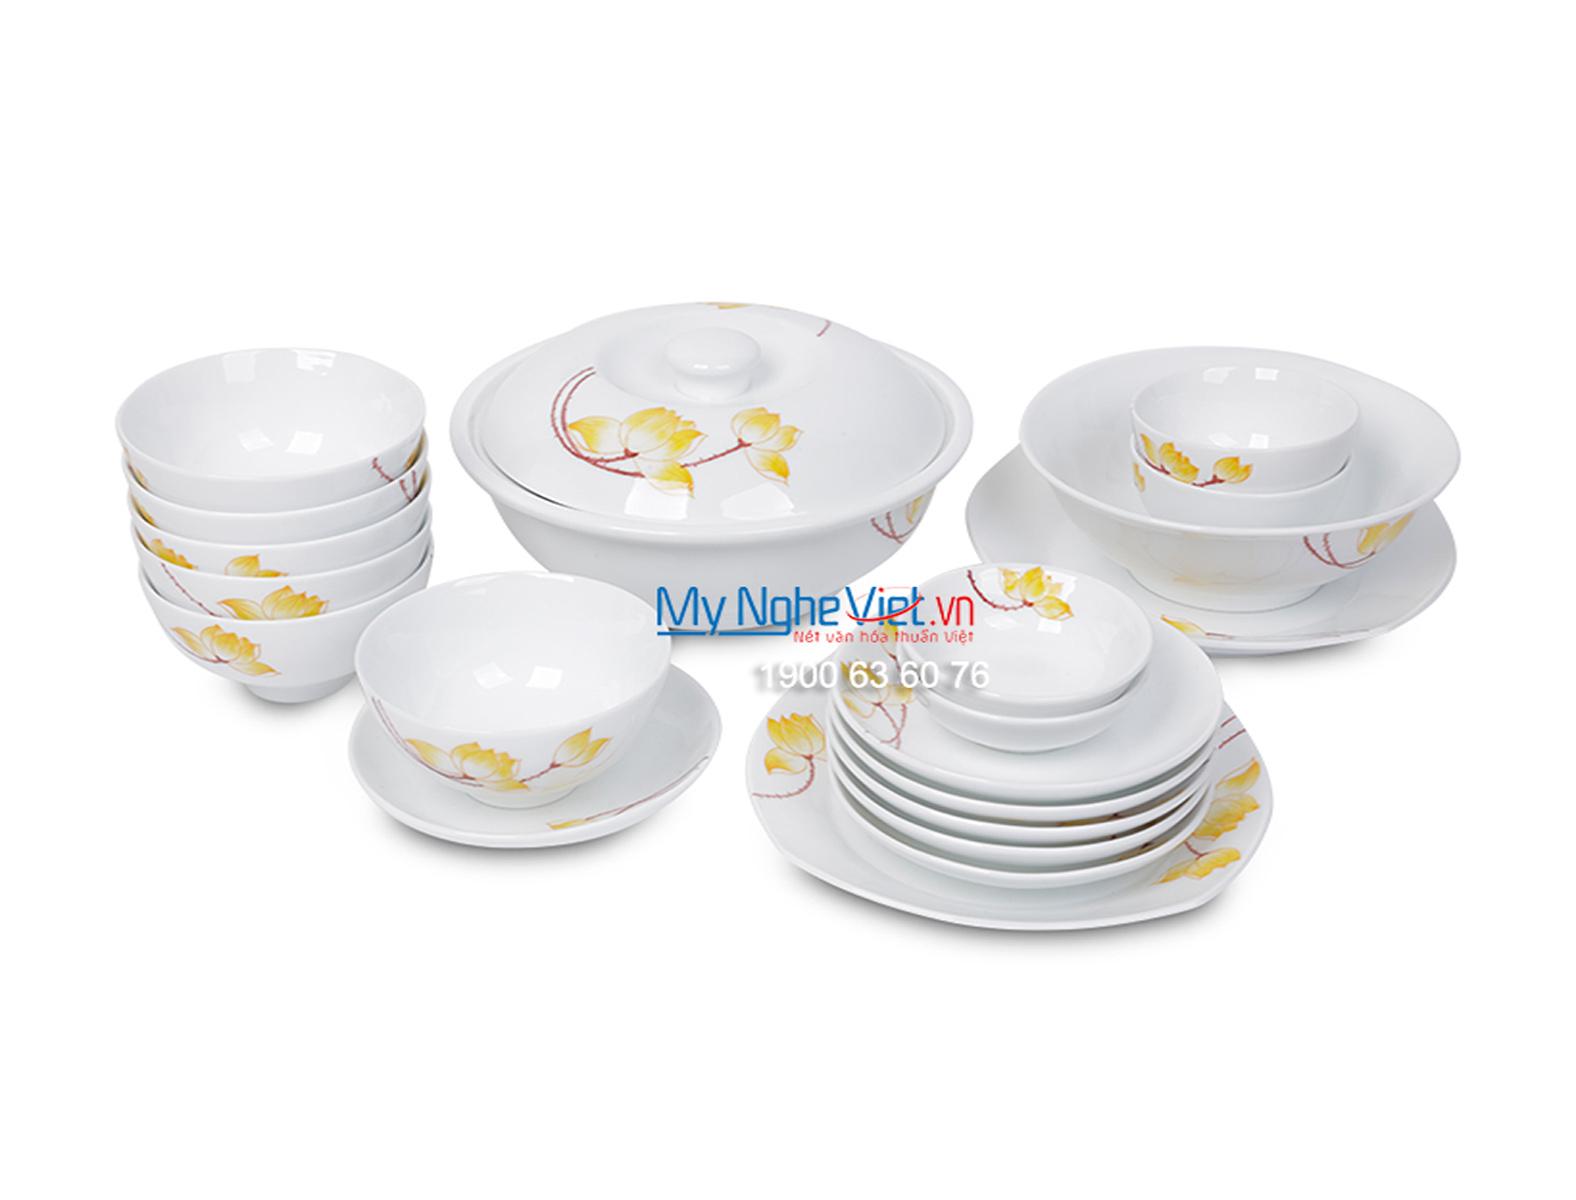 Bộ chén dĩa bàn ăn men trắng vẽ sen vàng dành cho 6 người MNV-BBA01-9